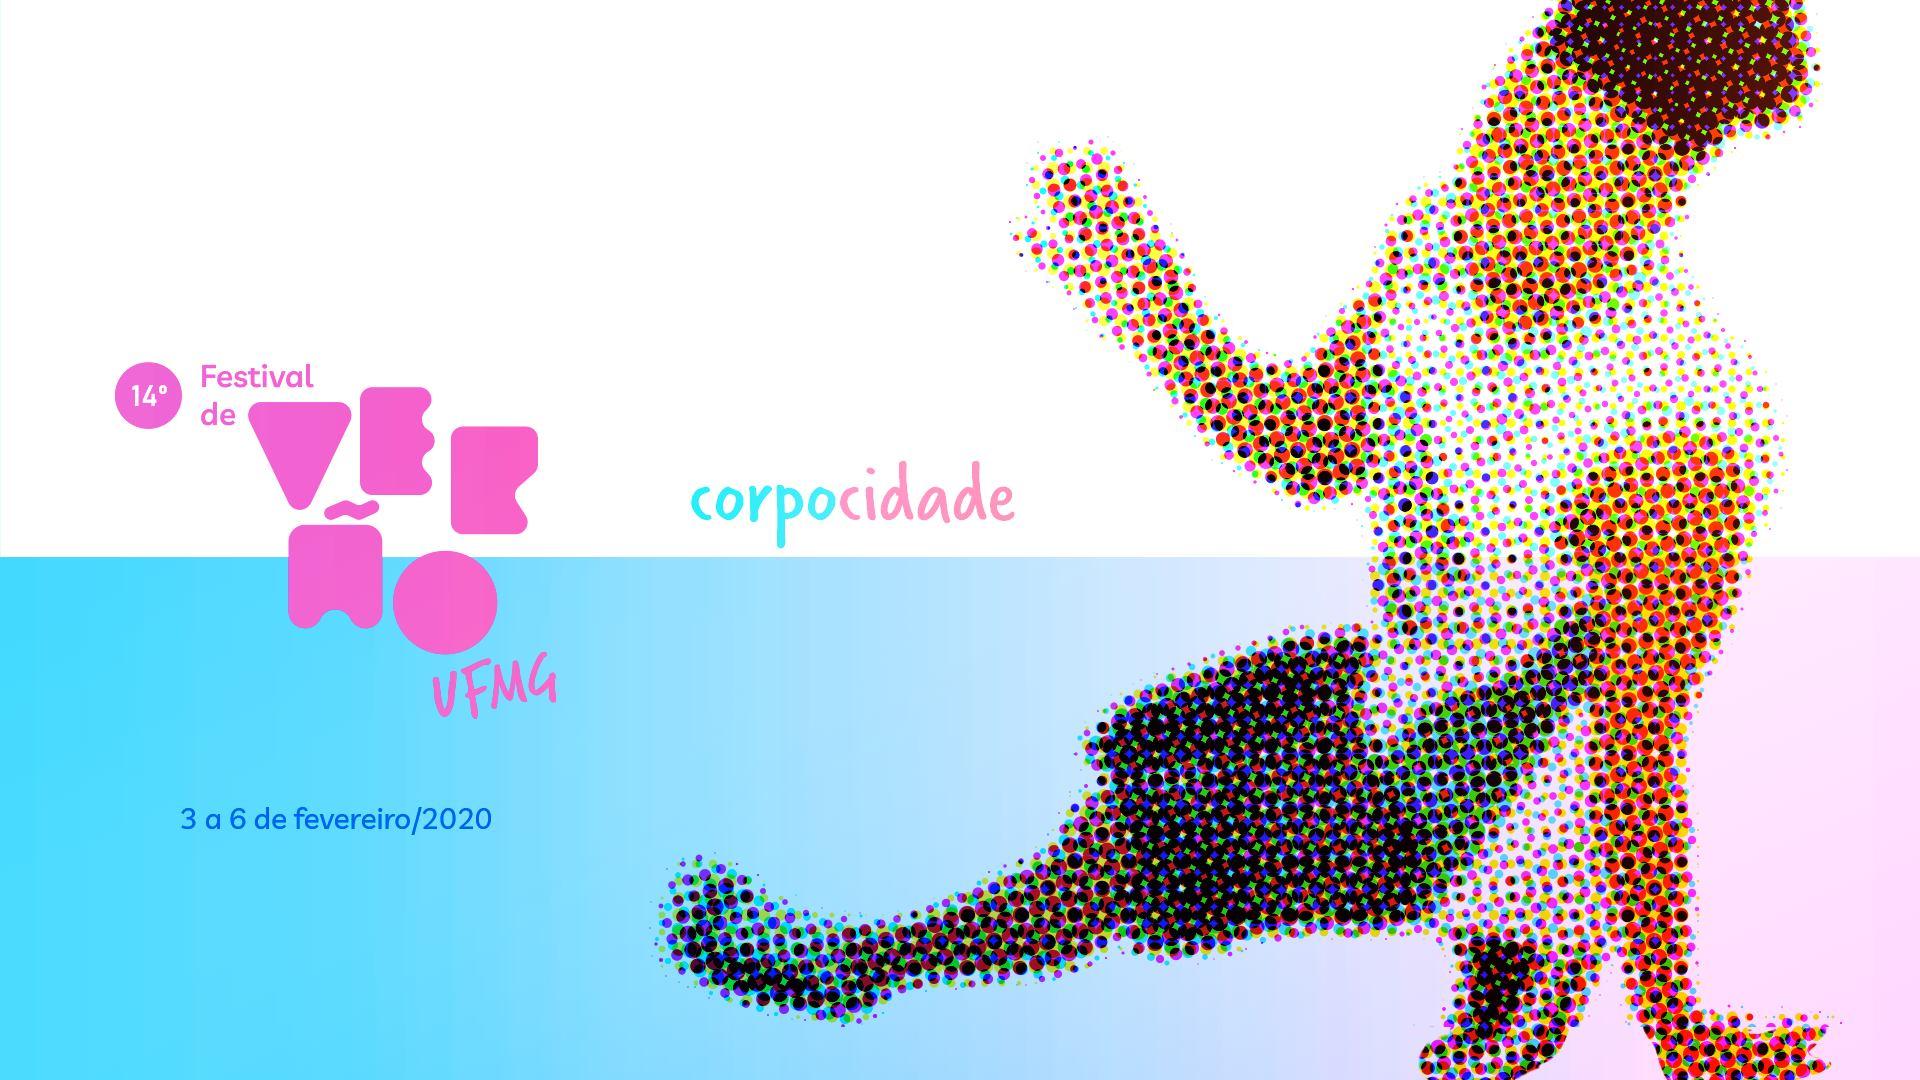 Festival de Verão UFMG